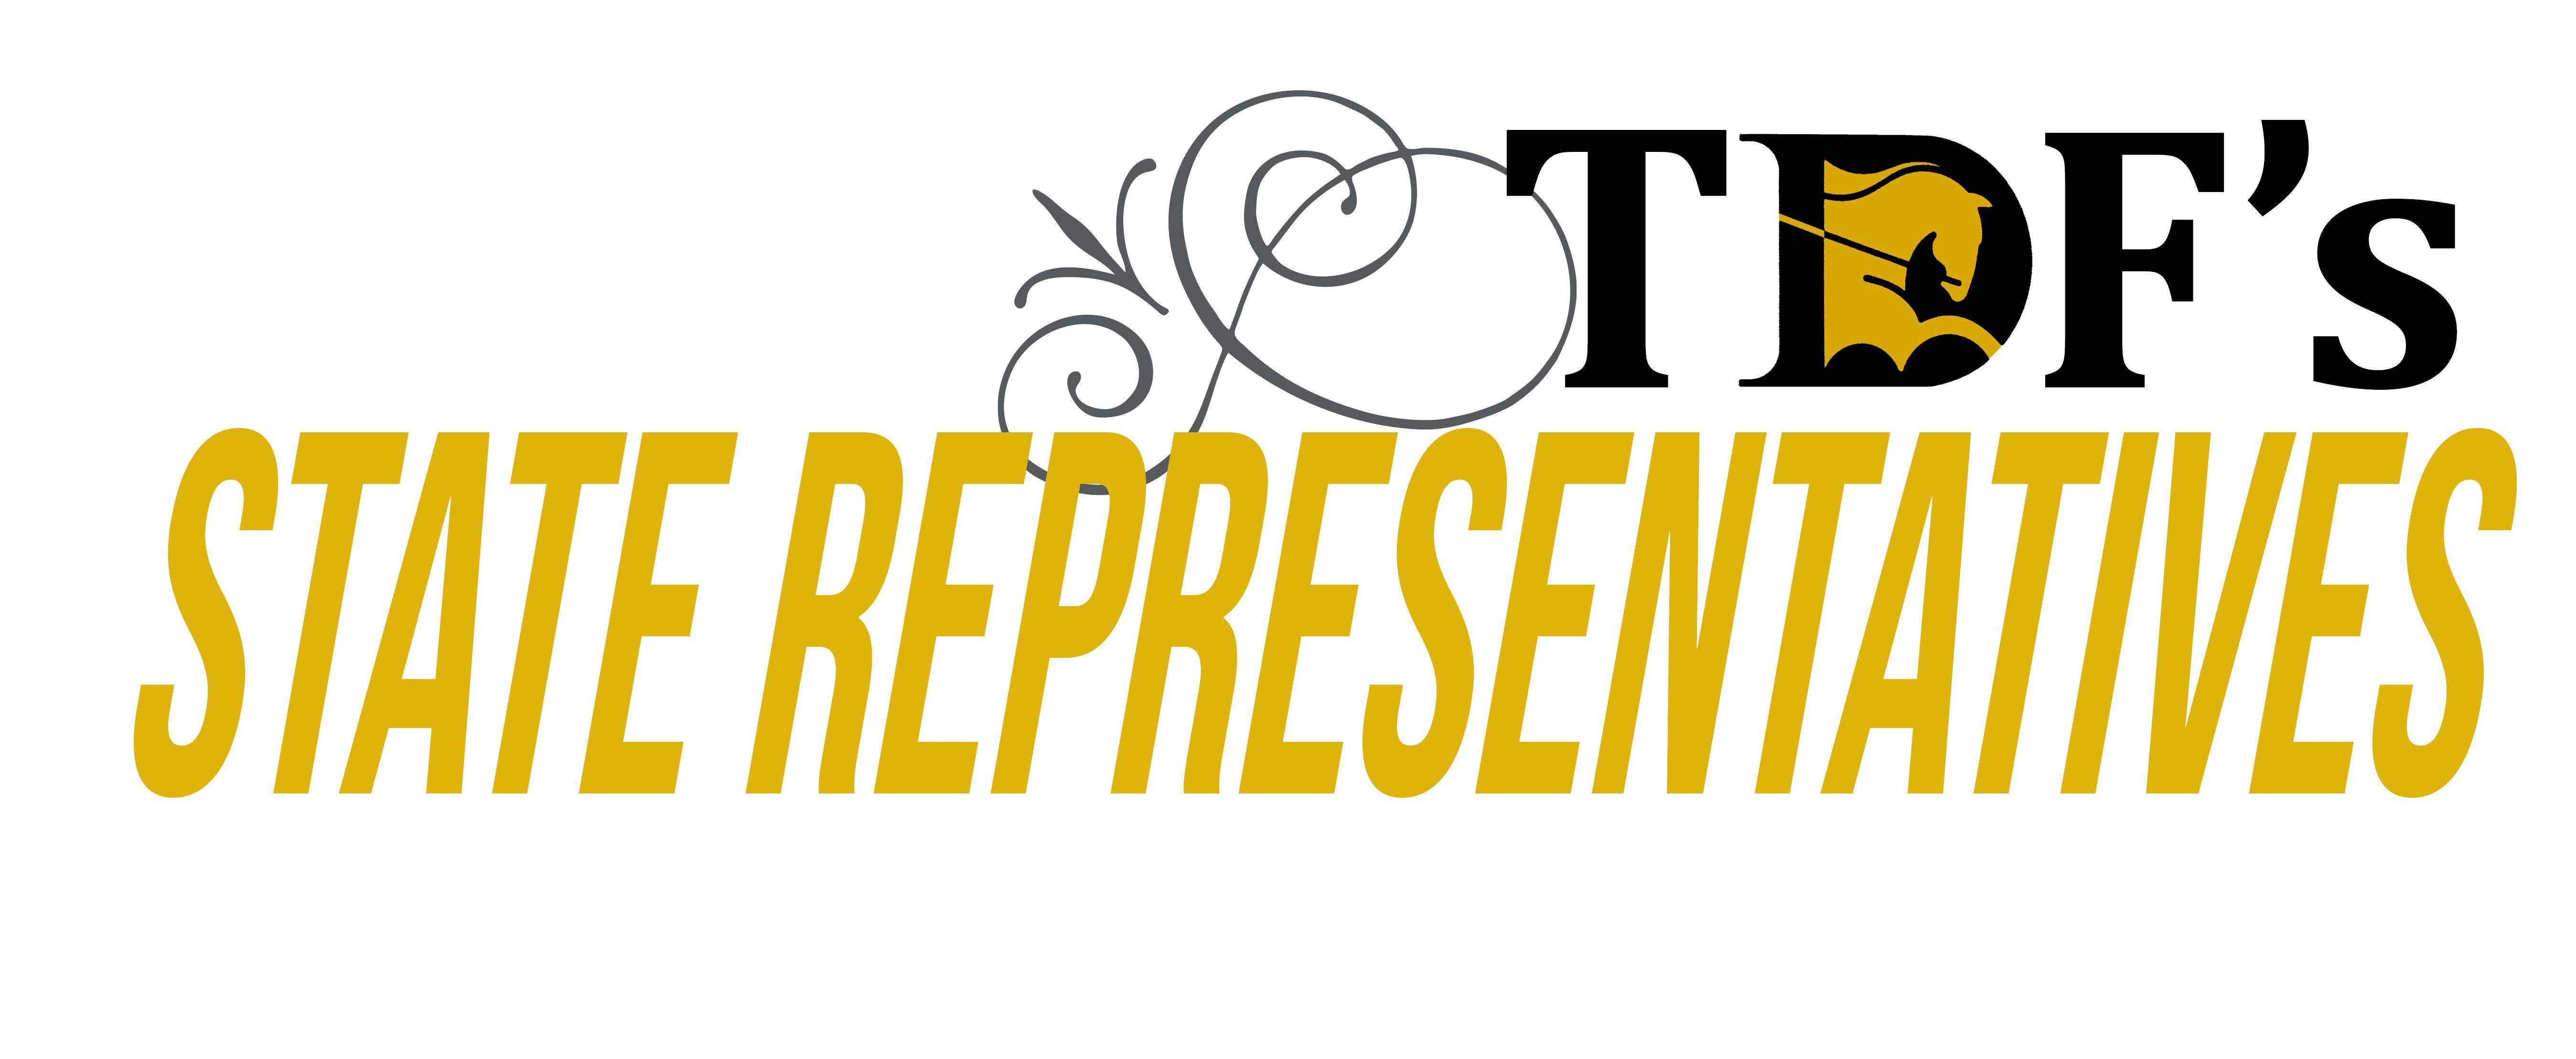 TDF Expands State Representative Program